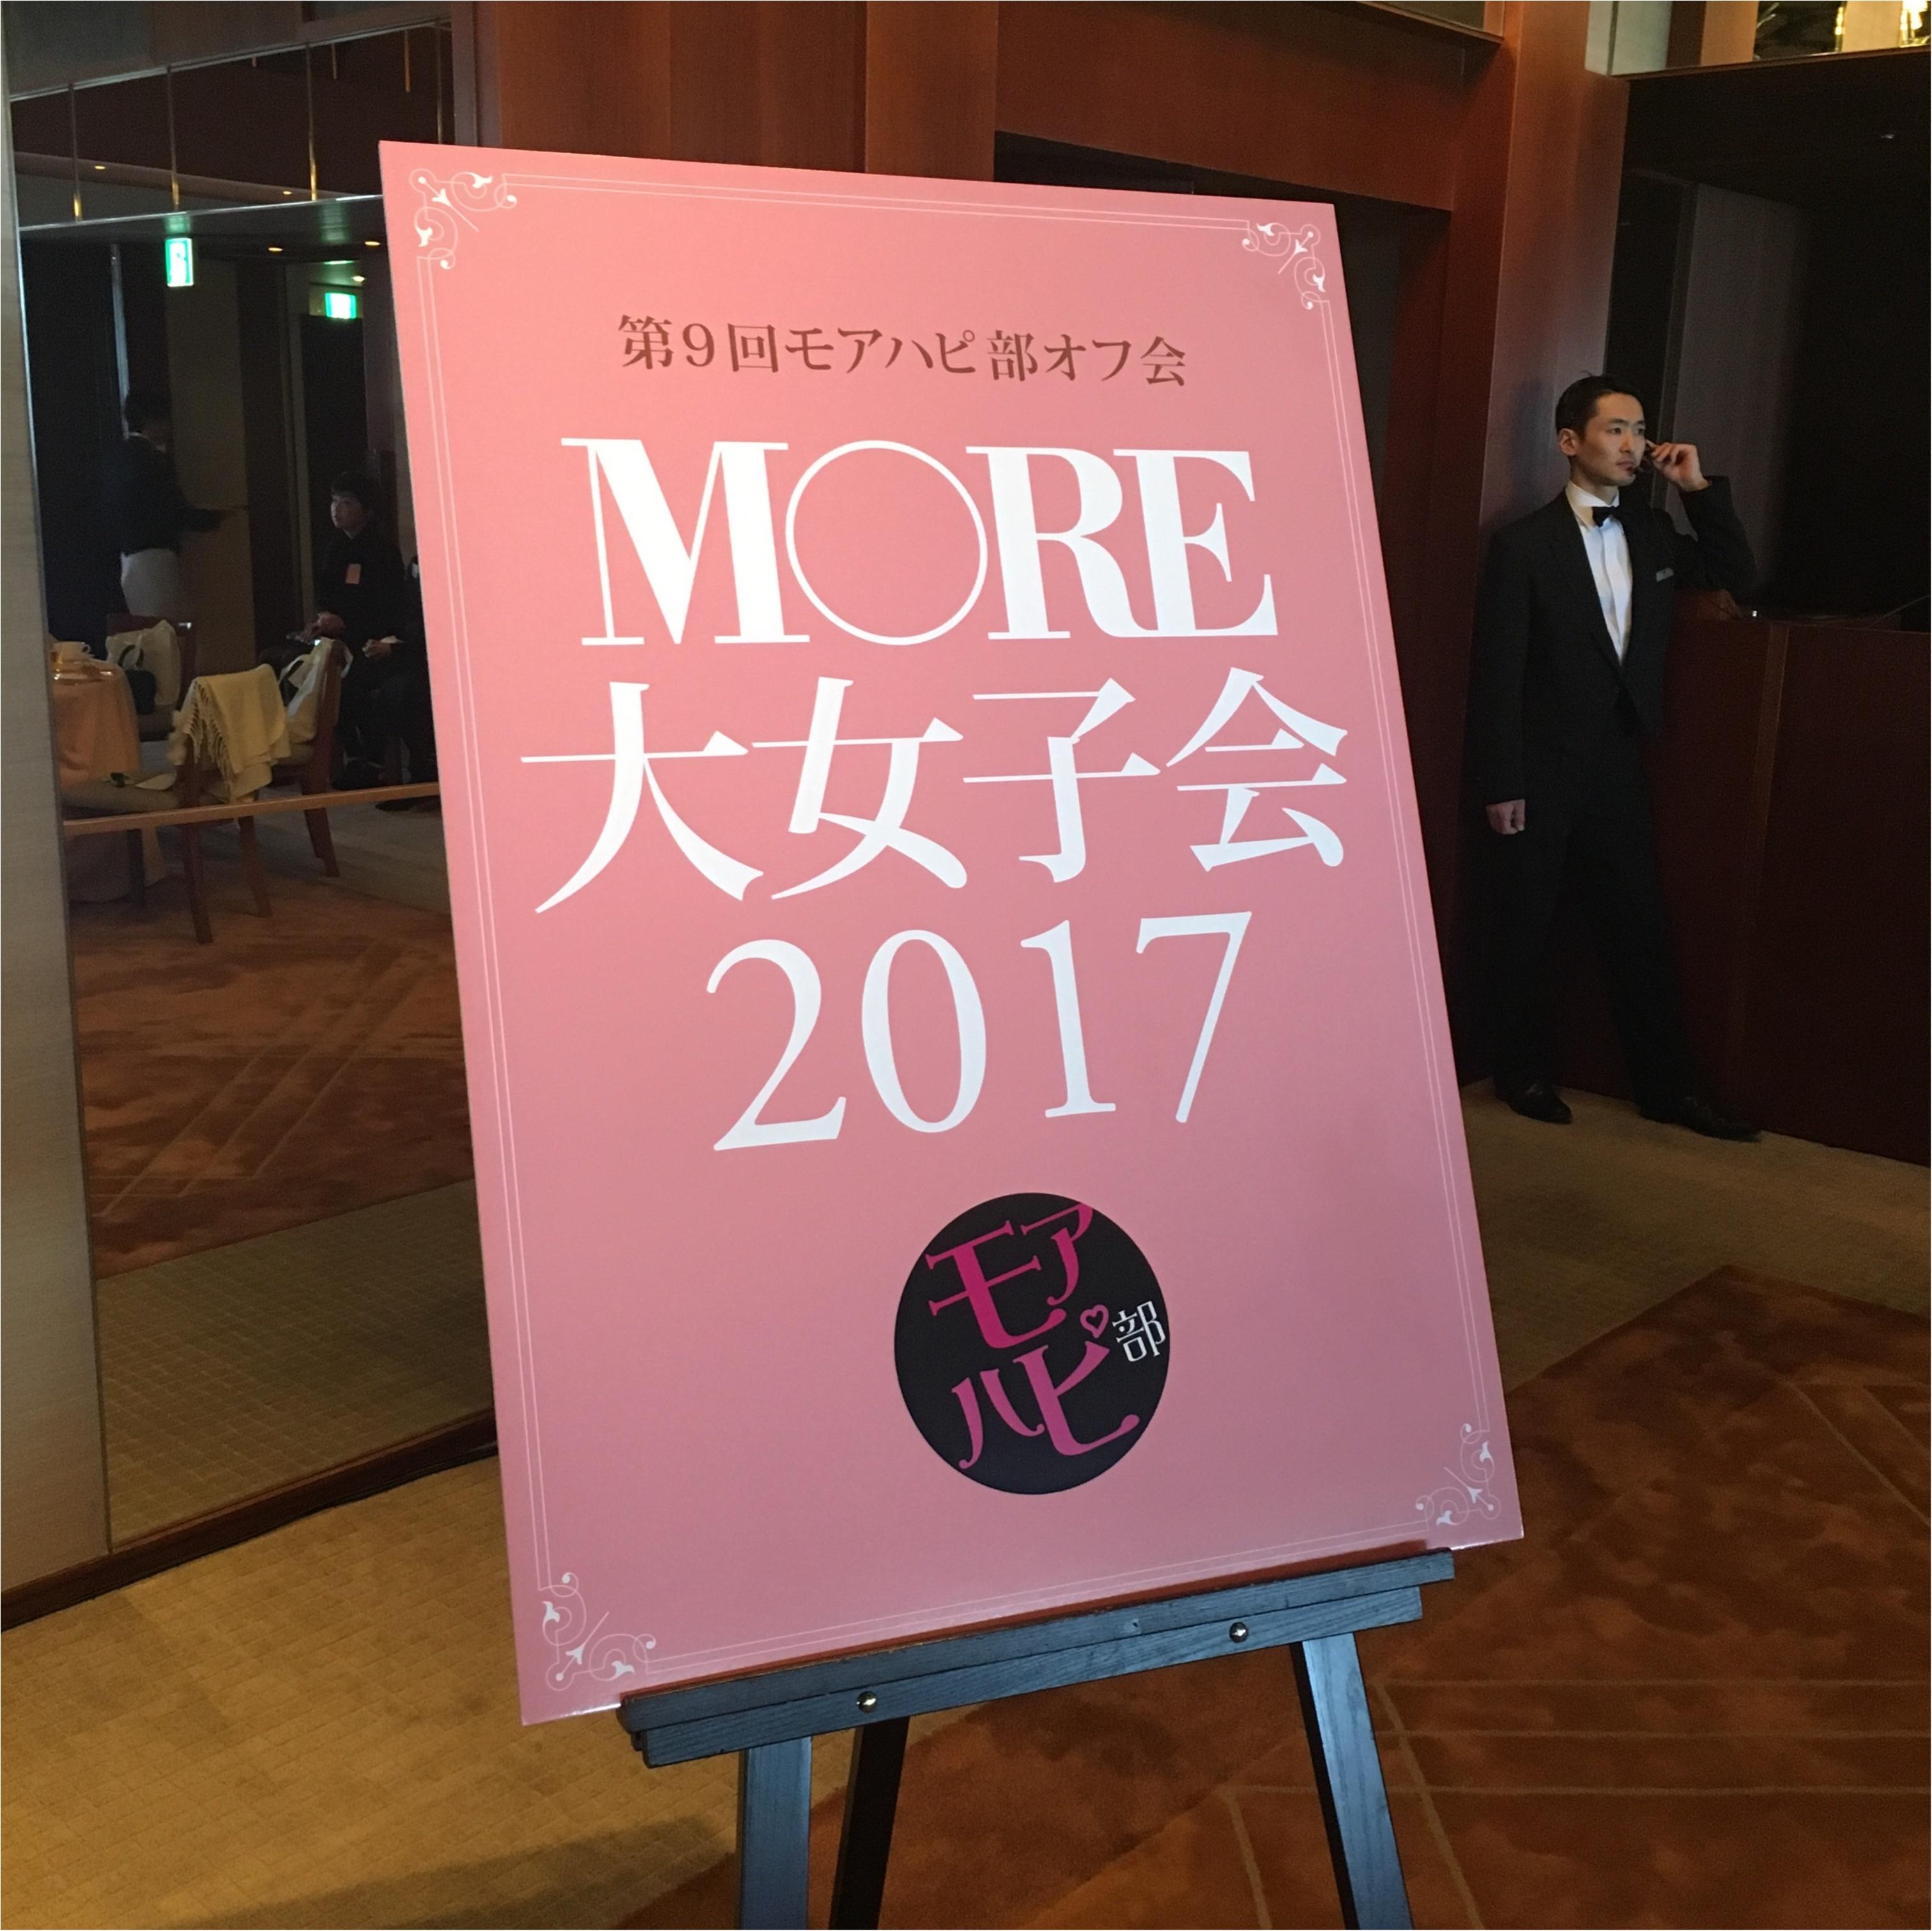 年に一度のお祭り!旬がぎゅっとつまったモア大女子会( ^ω^ )!!_1